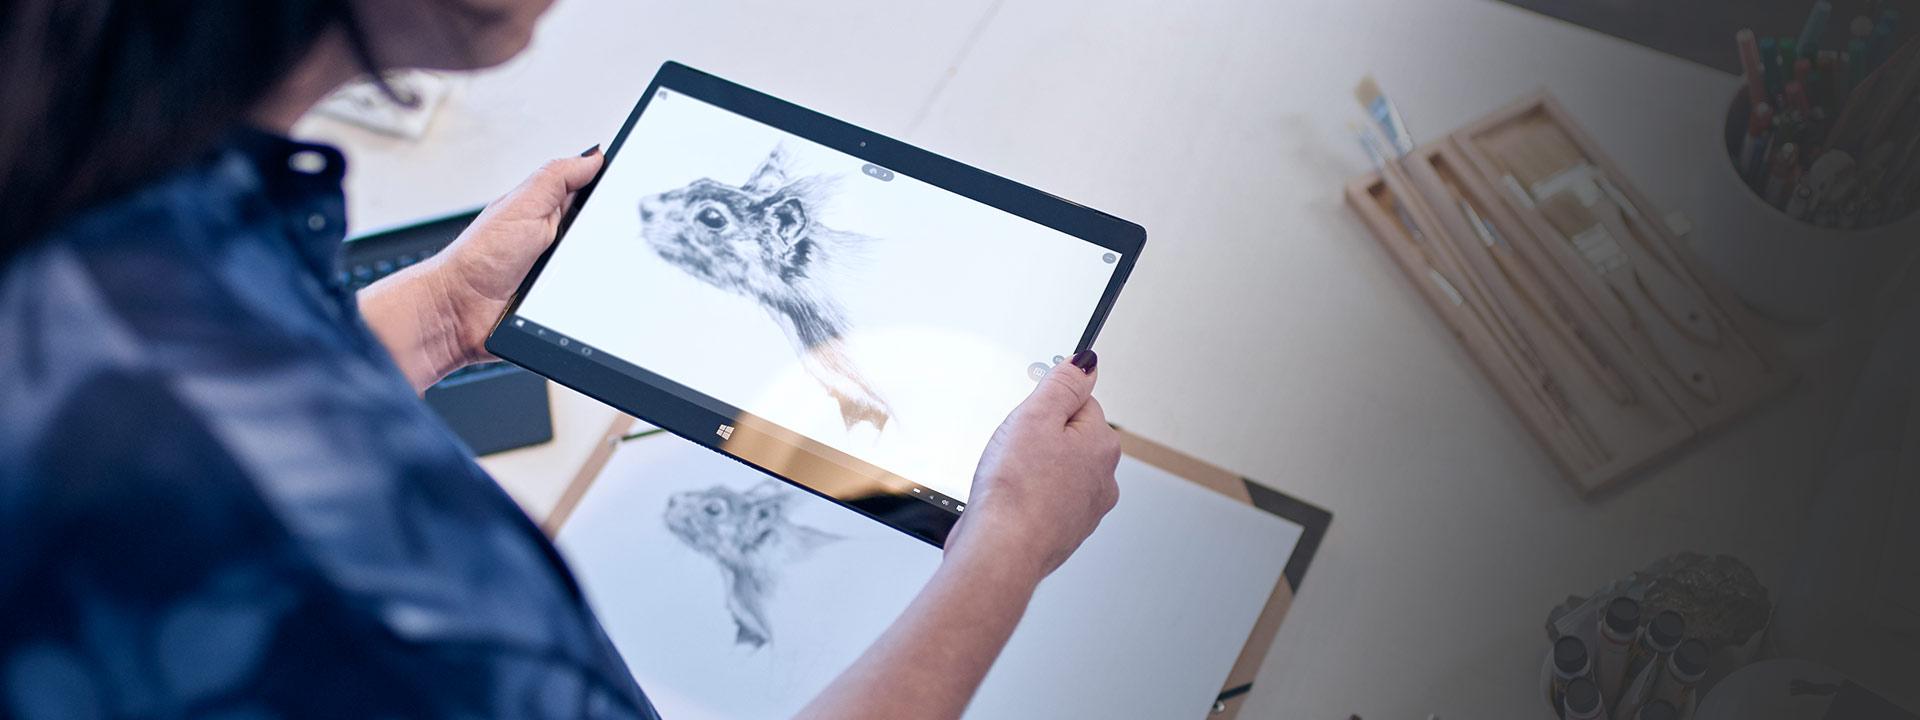 Lenovo Yoga 900 タブレットに表示された Windows Ink